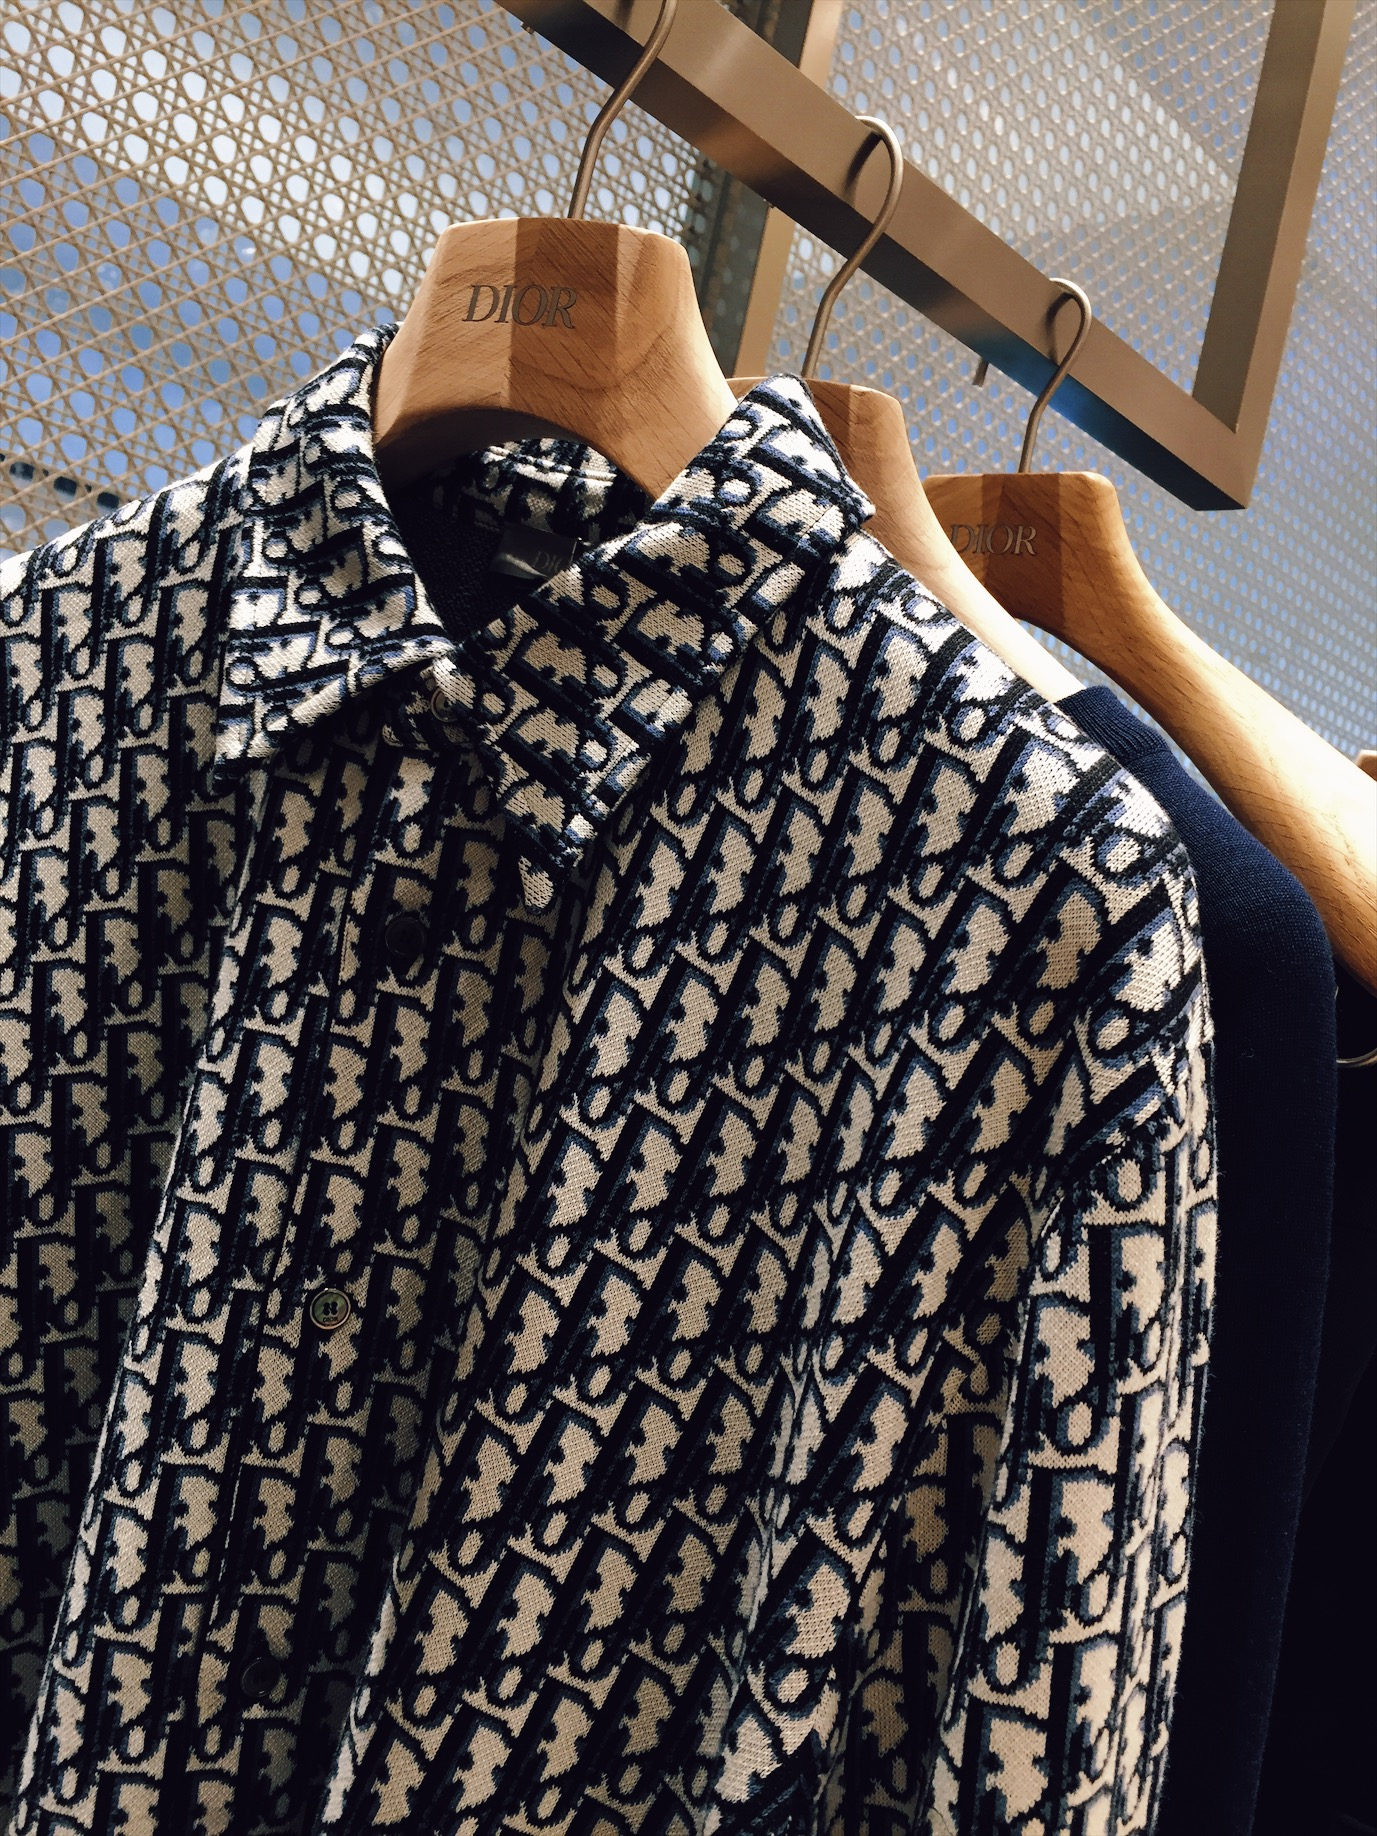 Dior Men Buka Butik Pertamanya di Plaza Indonesia